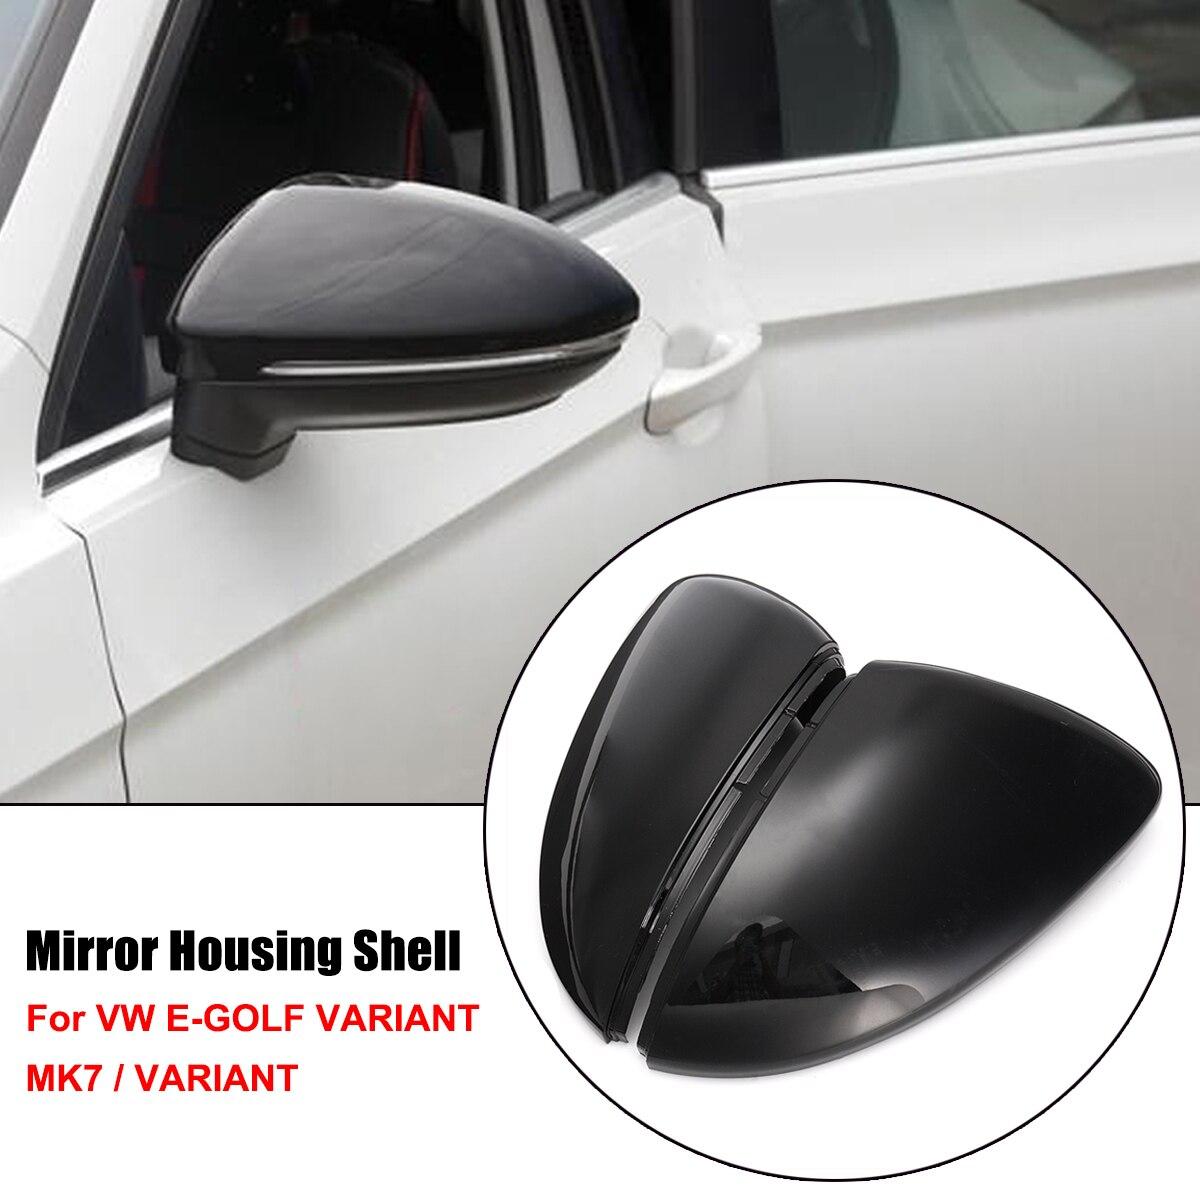 Paar Rückspiegel Abdeckung Seite Flügel Rückspiegel Fall Abdeckungen Für VW Golf MK7 Golf Variante E-Golf L + R